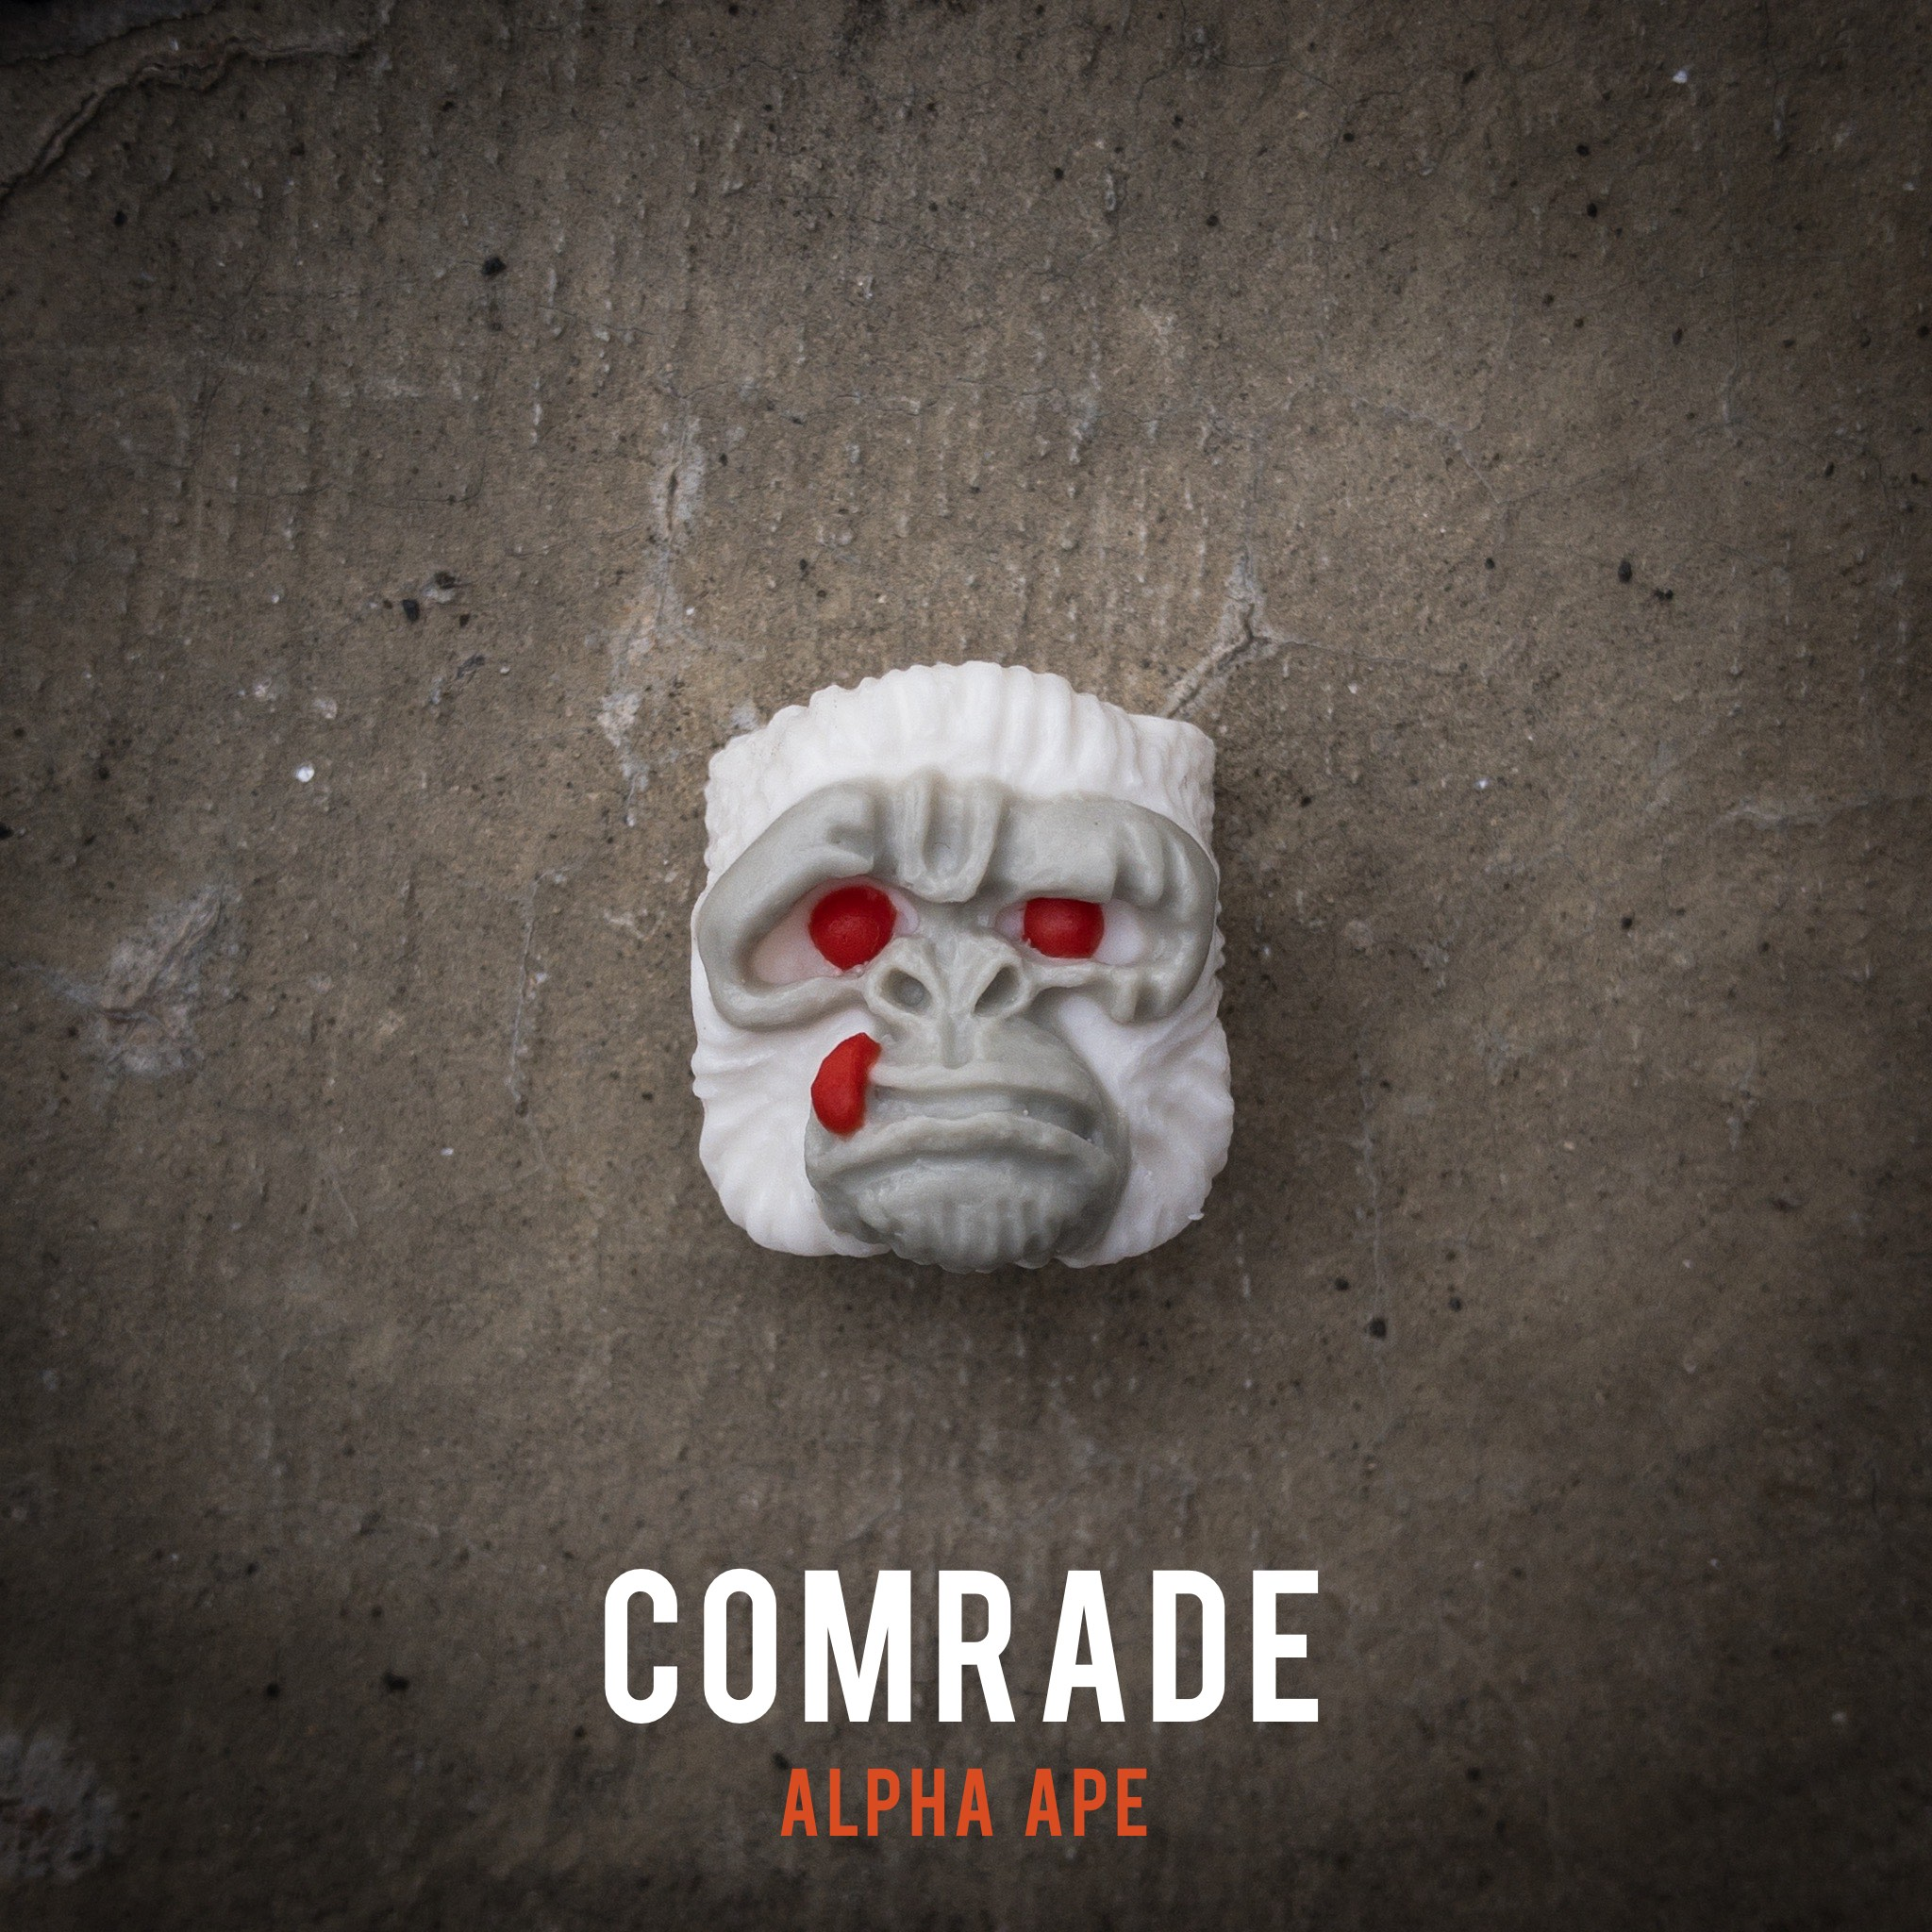 Comrade Alpha Ape